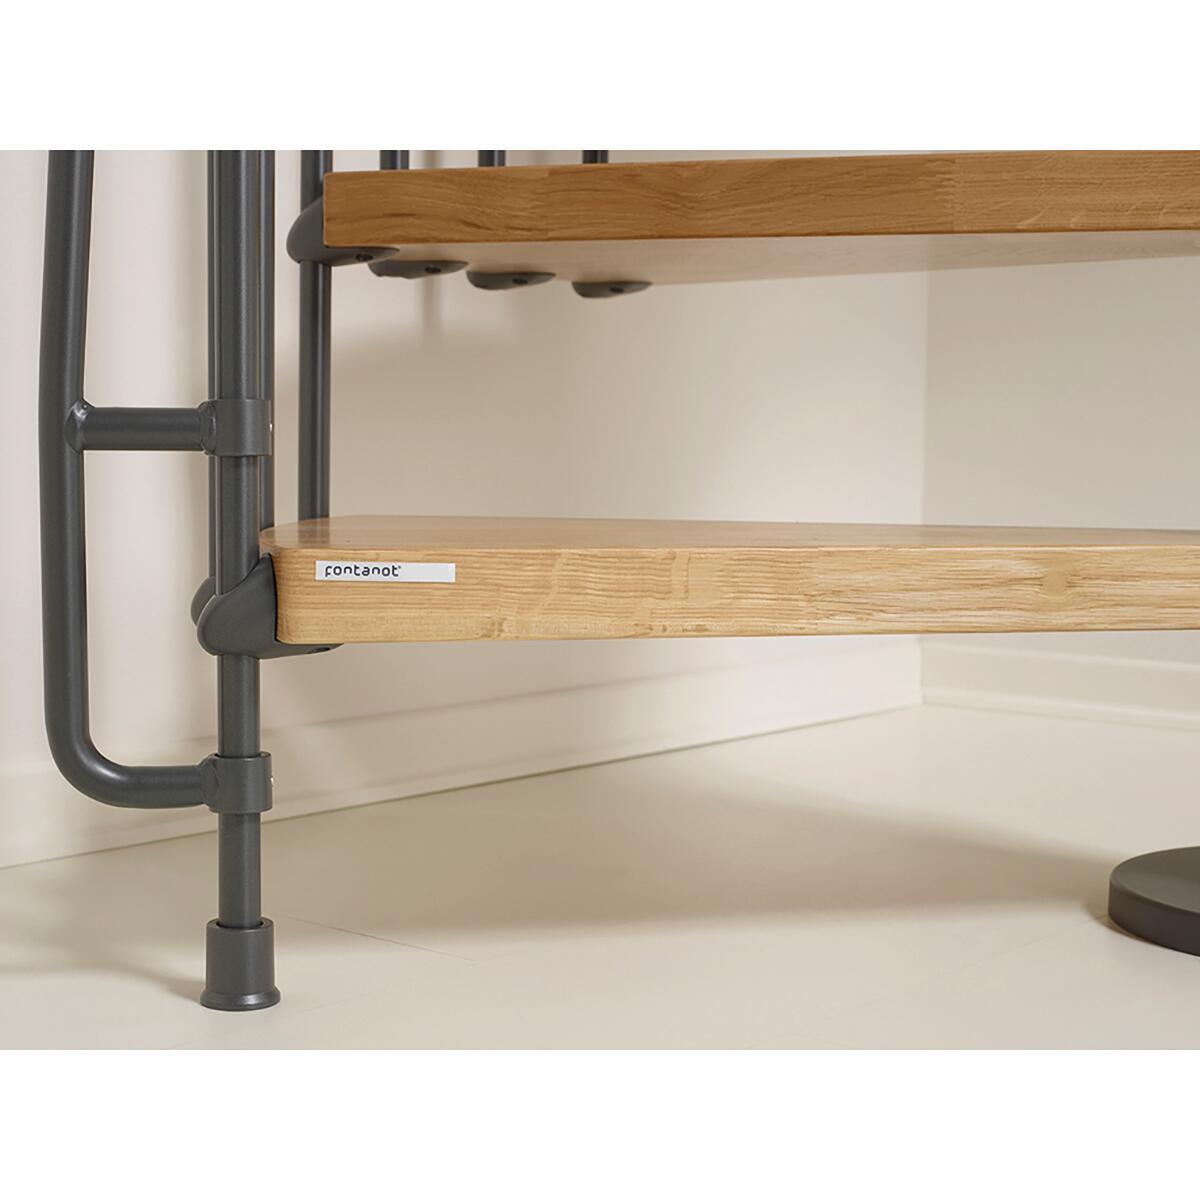 Scala a chiocciola tonda Oak FONTANOT L 130 cm, gradino naturale, struttura antracite - 6